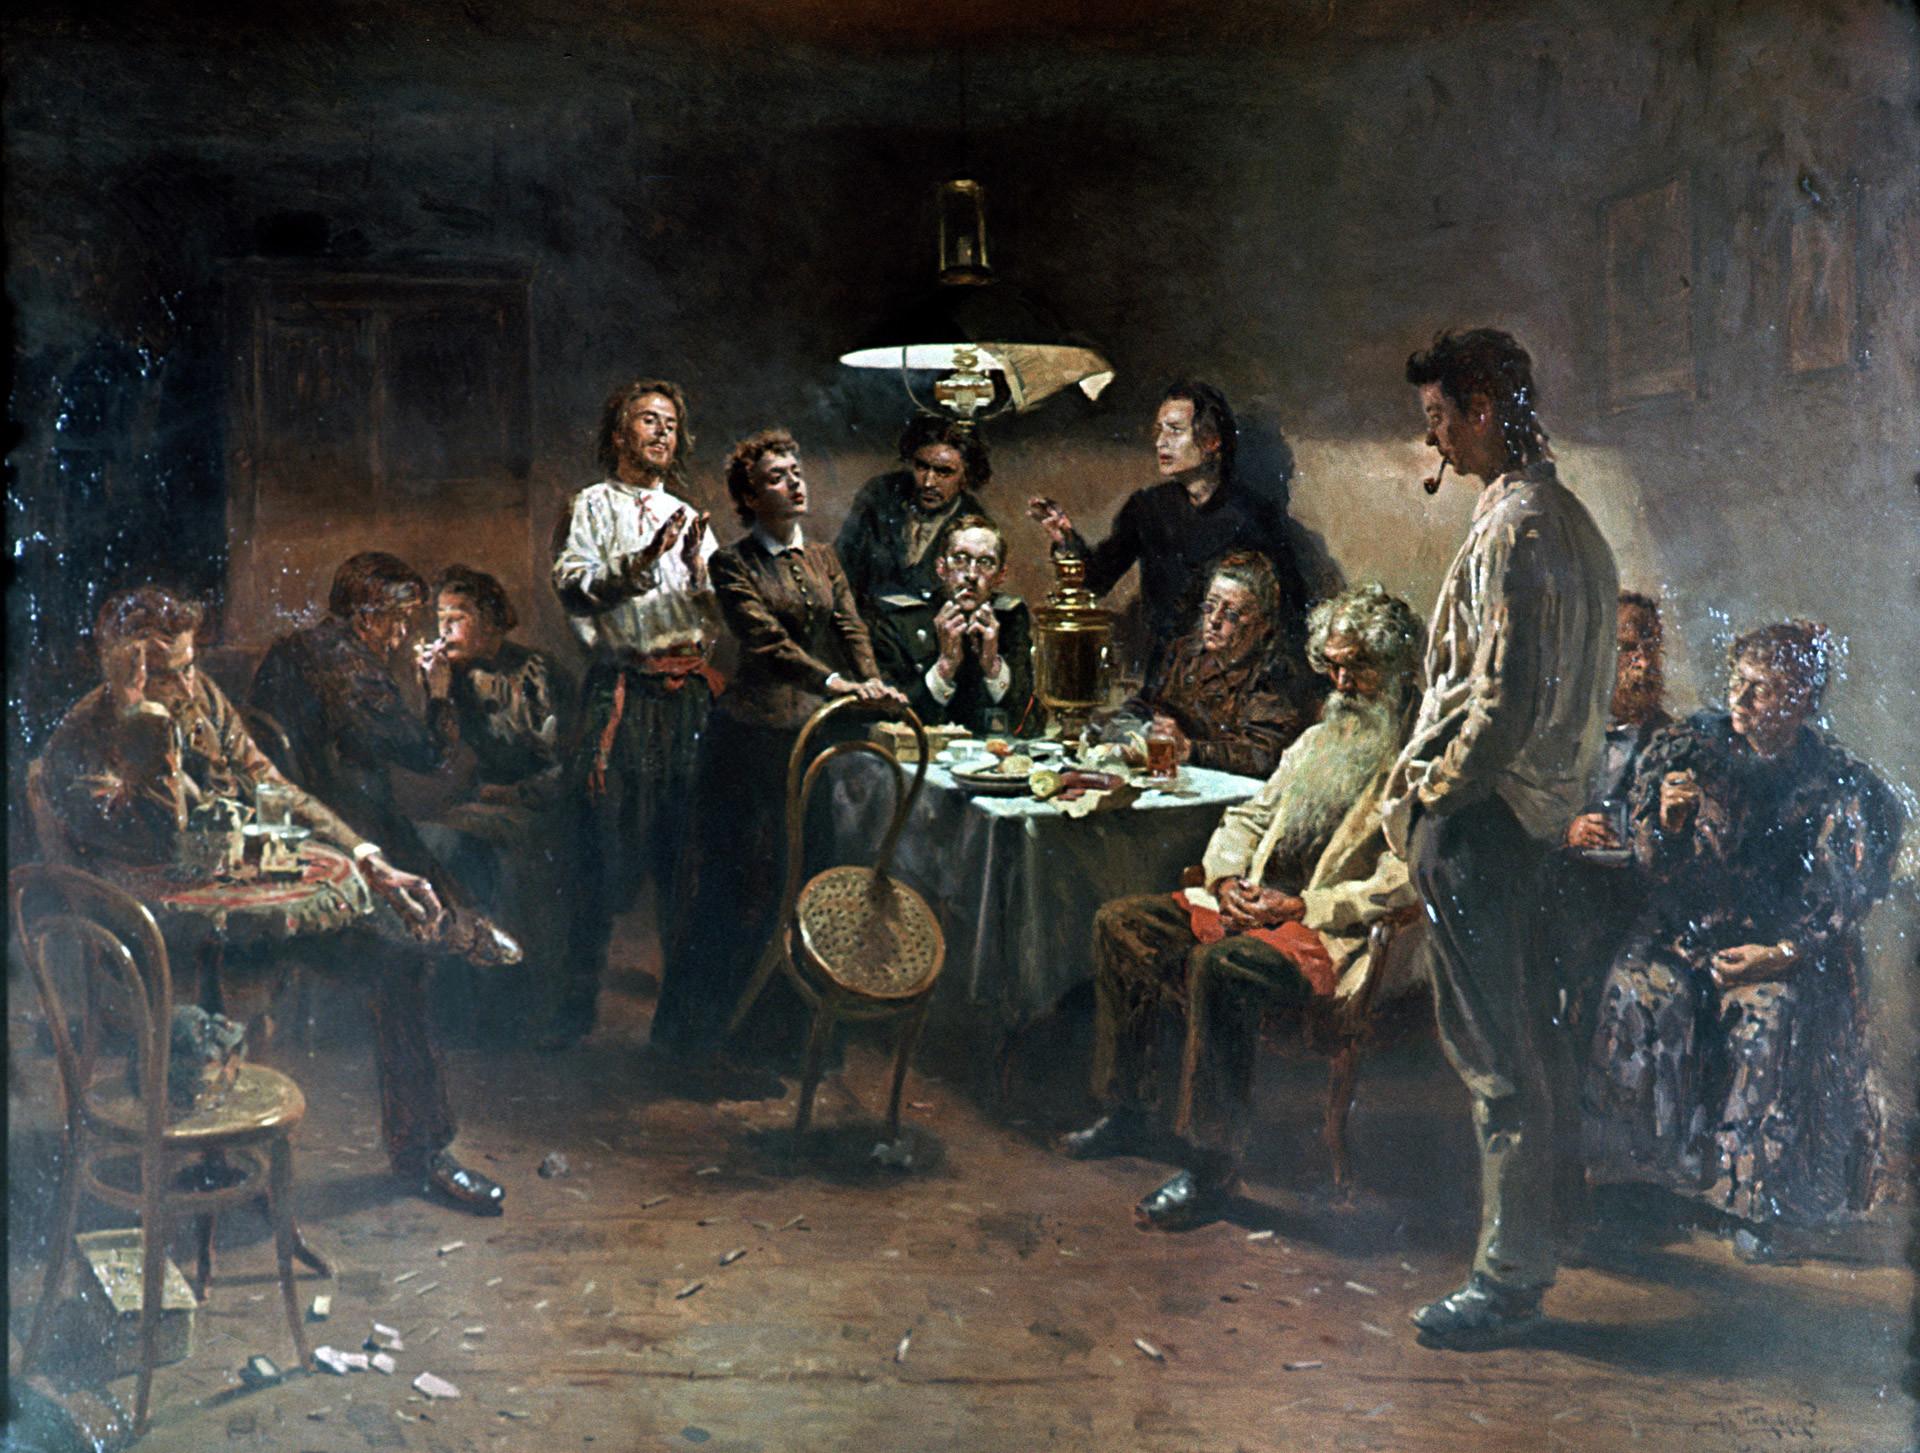 「夜会」ウラジーミル・マコーフスキー画、1875年